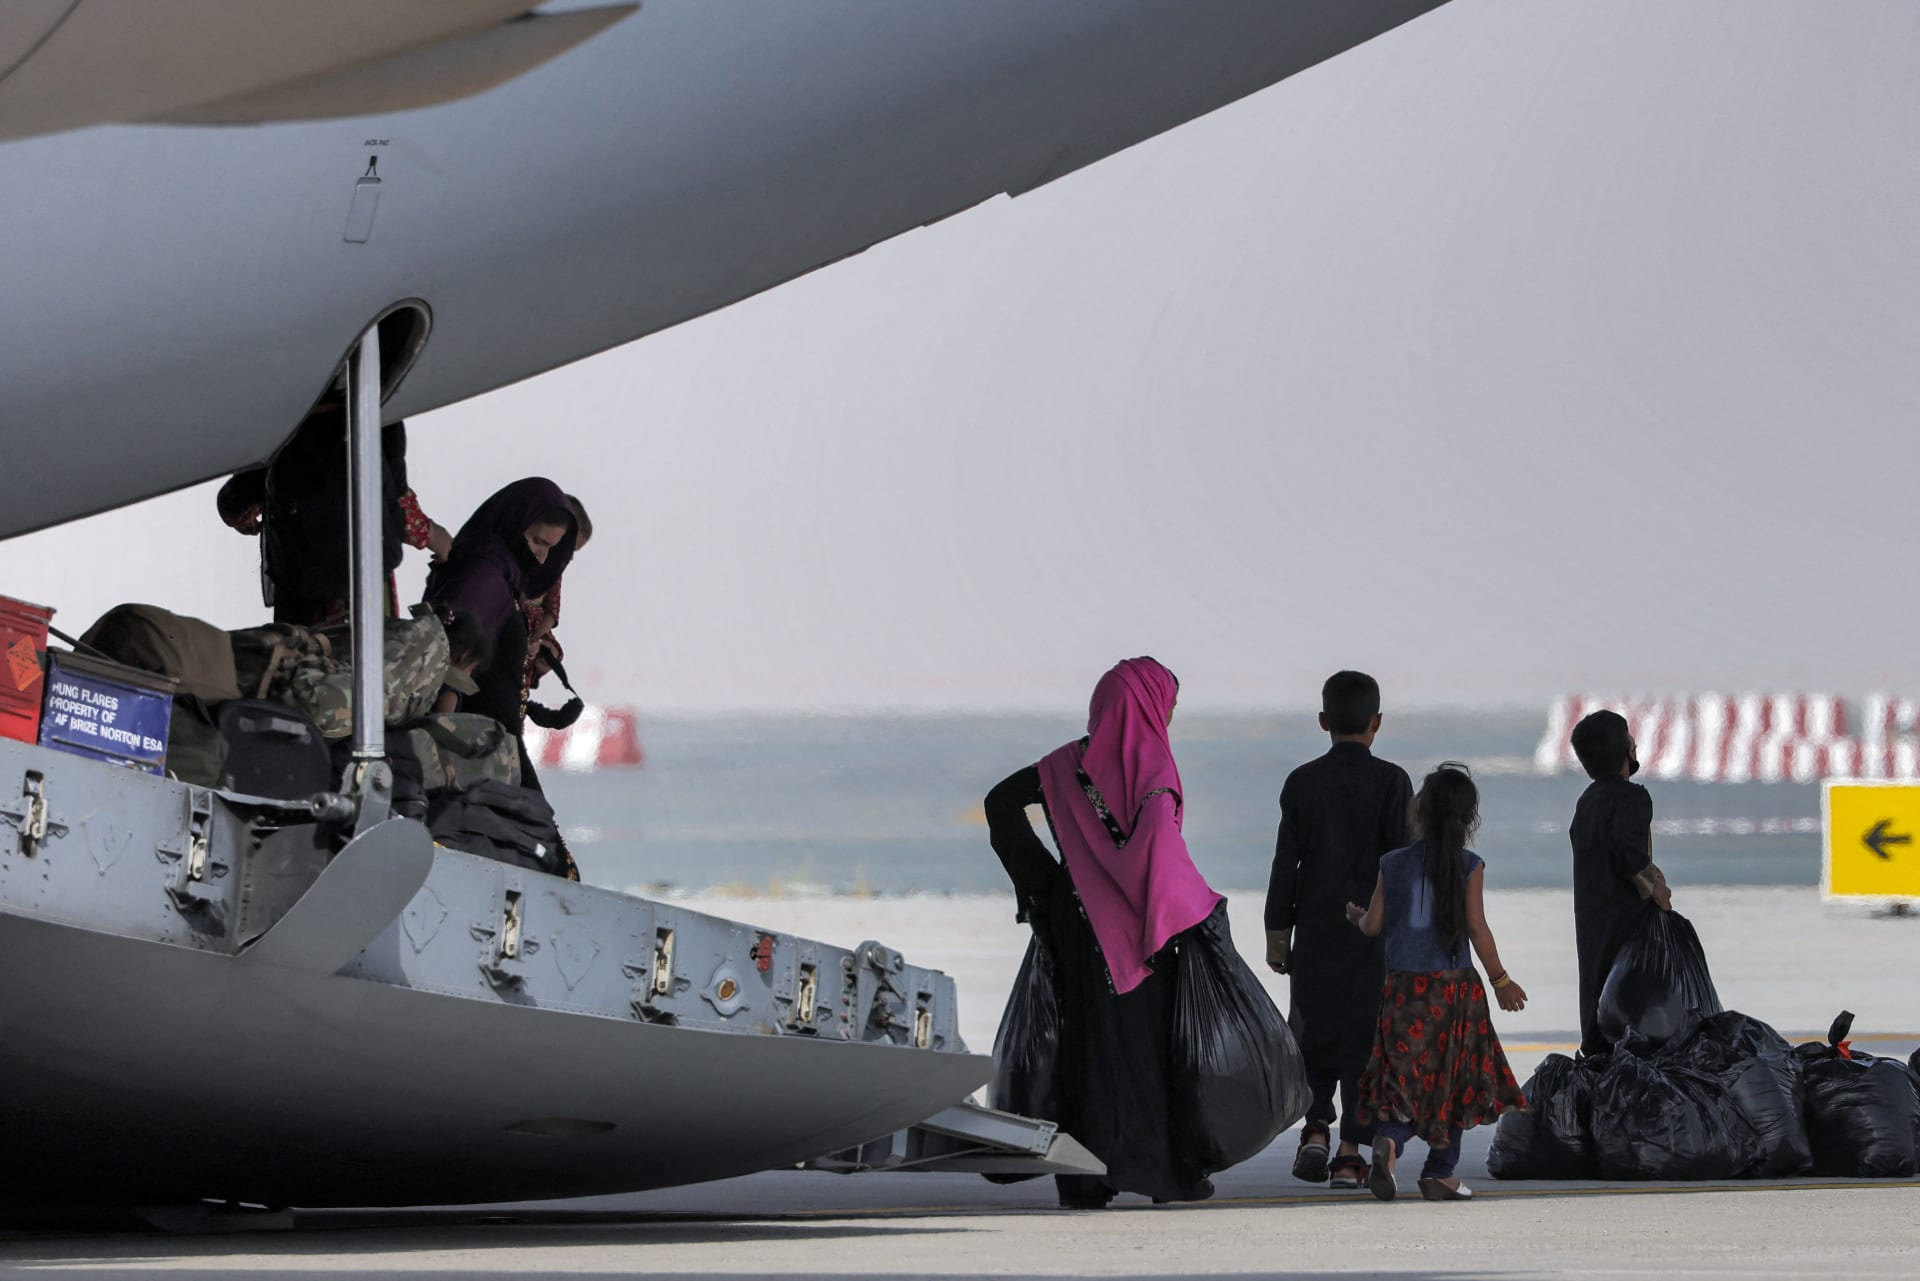 أشخاص ينزلون من طائرة نقل عسكرية تابعة للقوات الجوية الملكية تحمل أشخاص تم إجلاؤهم من أفغانستان وتصل إلى مطار آل مكتوم الدولي في الإمارات العربية المتحدة في 19 أغسطس 2021.